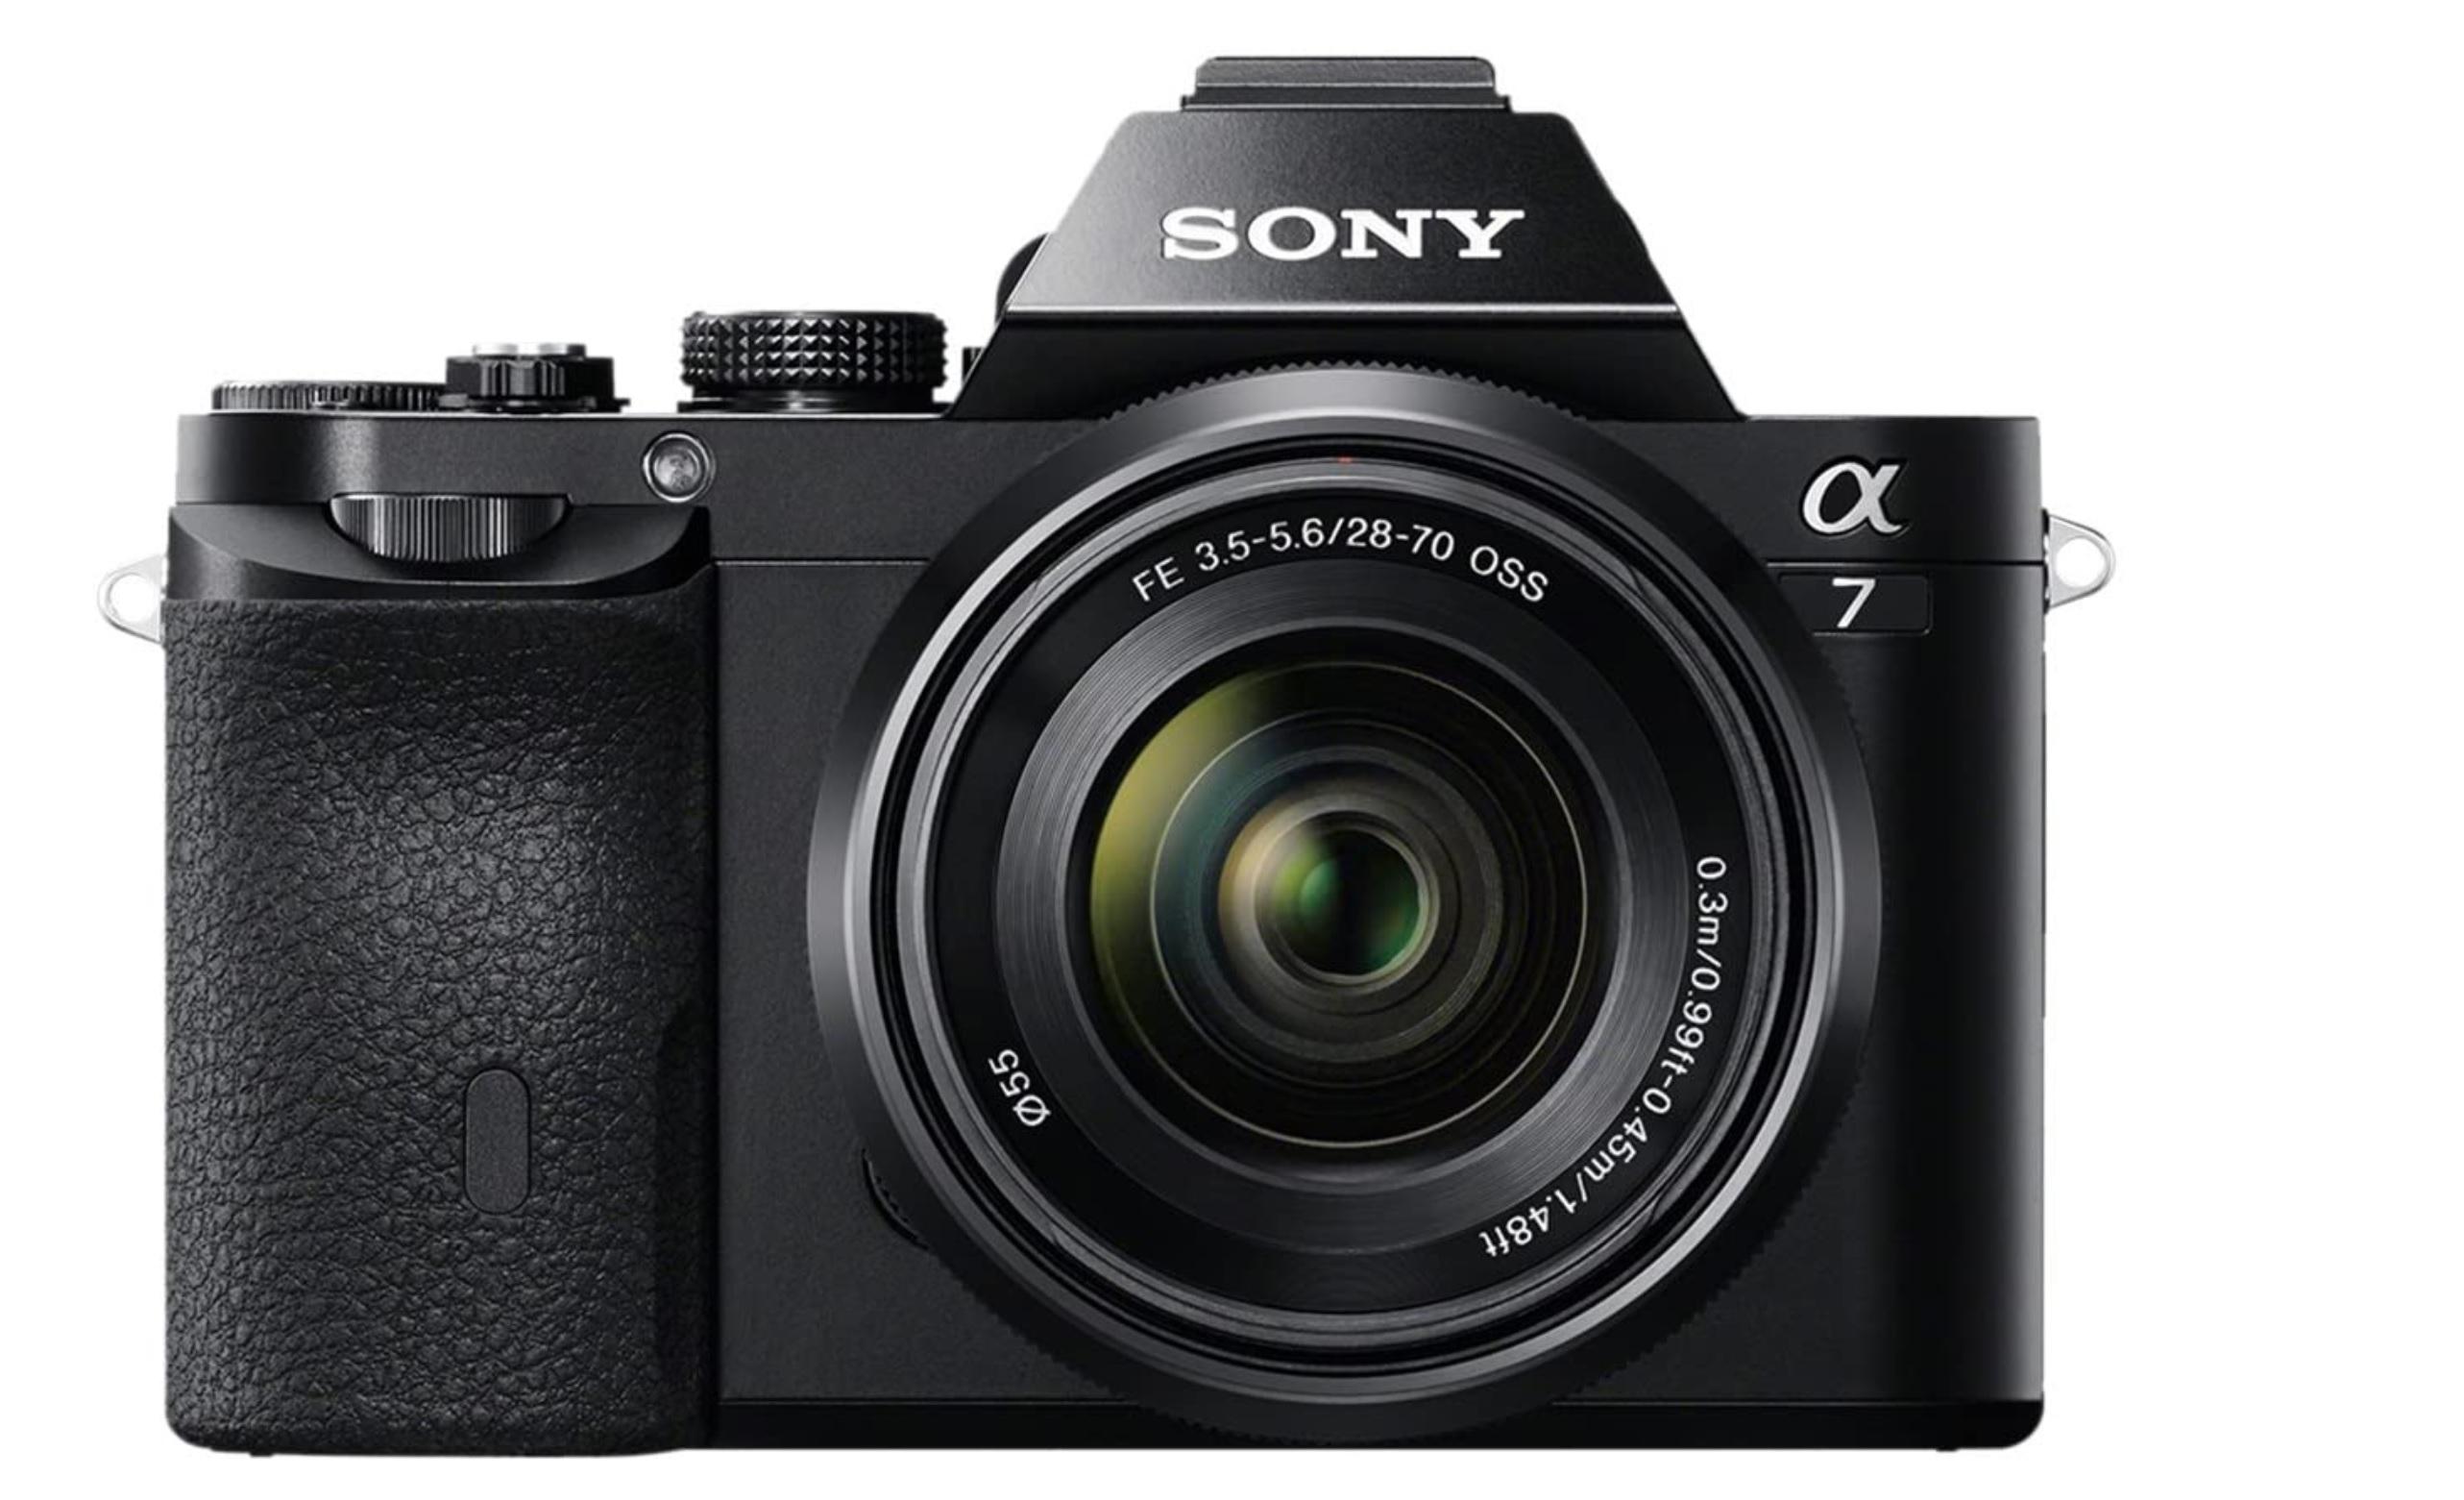 Sony Alpha ILCE-7K + Objetivo 28-70 mm f/3.5-5.6 OSS